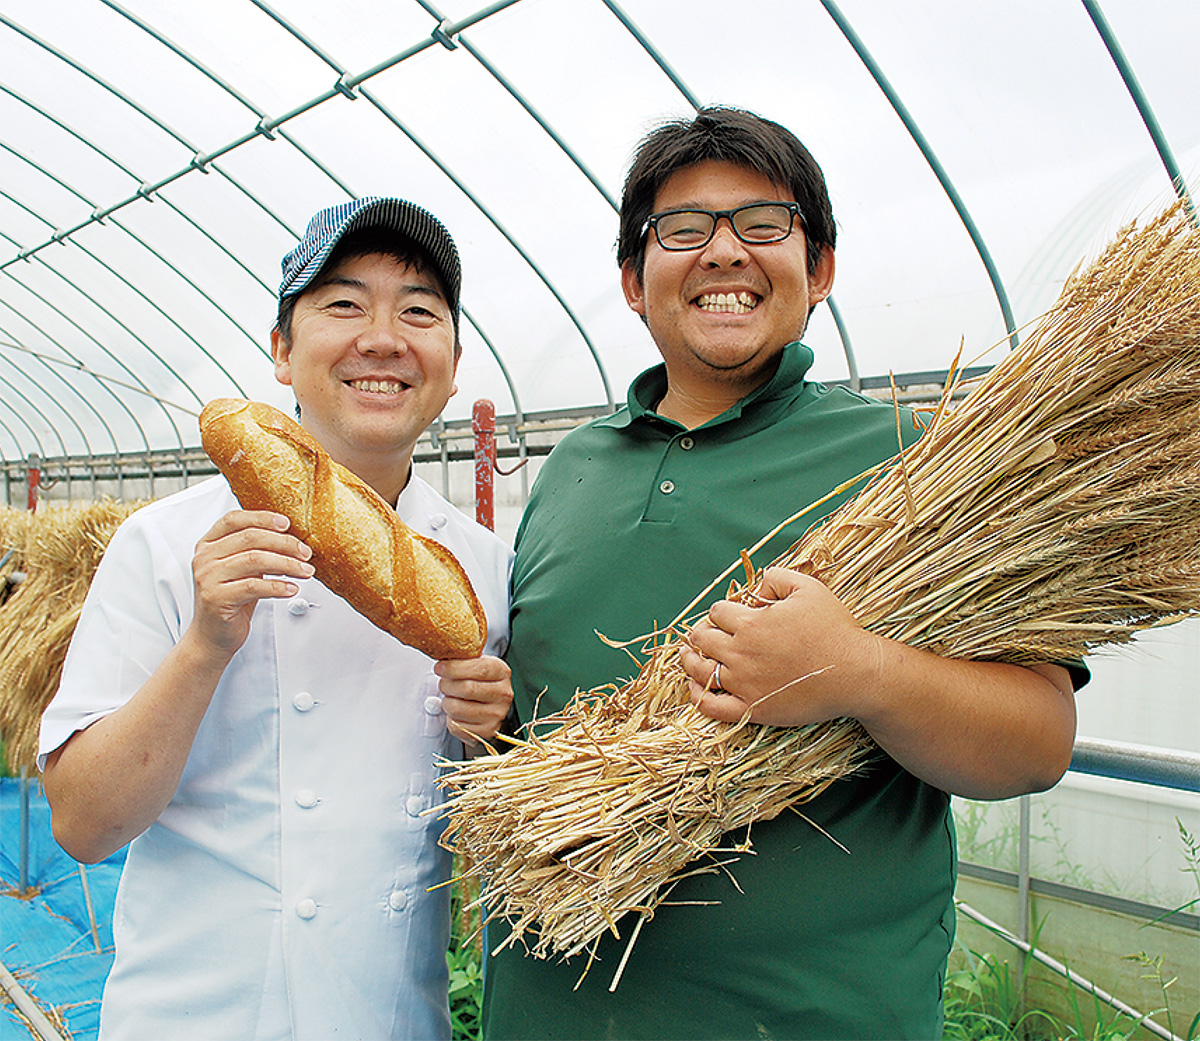 グリーンの小麦を使ったフランスパンを手にする奥山さん(左)と長谷川さん